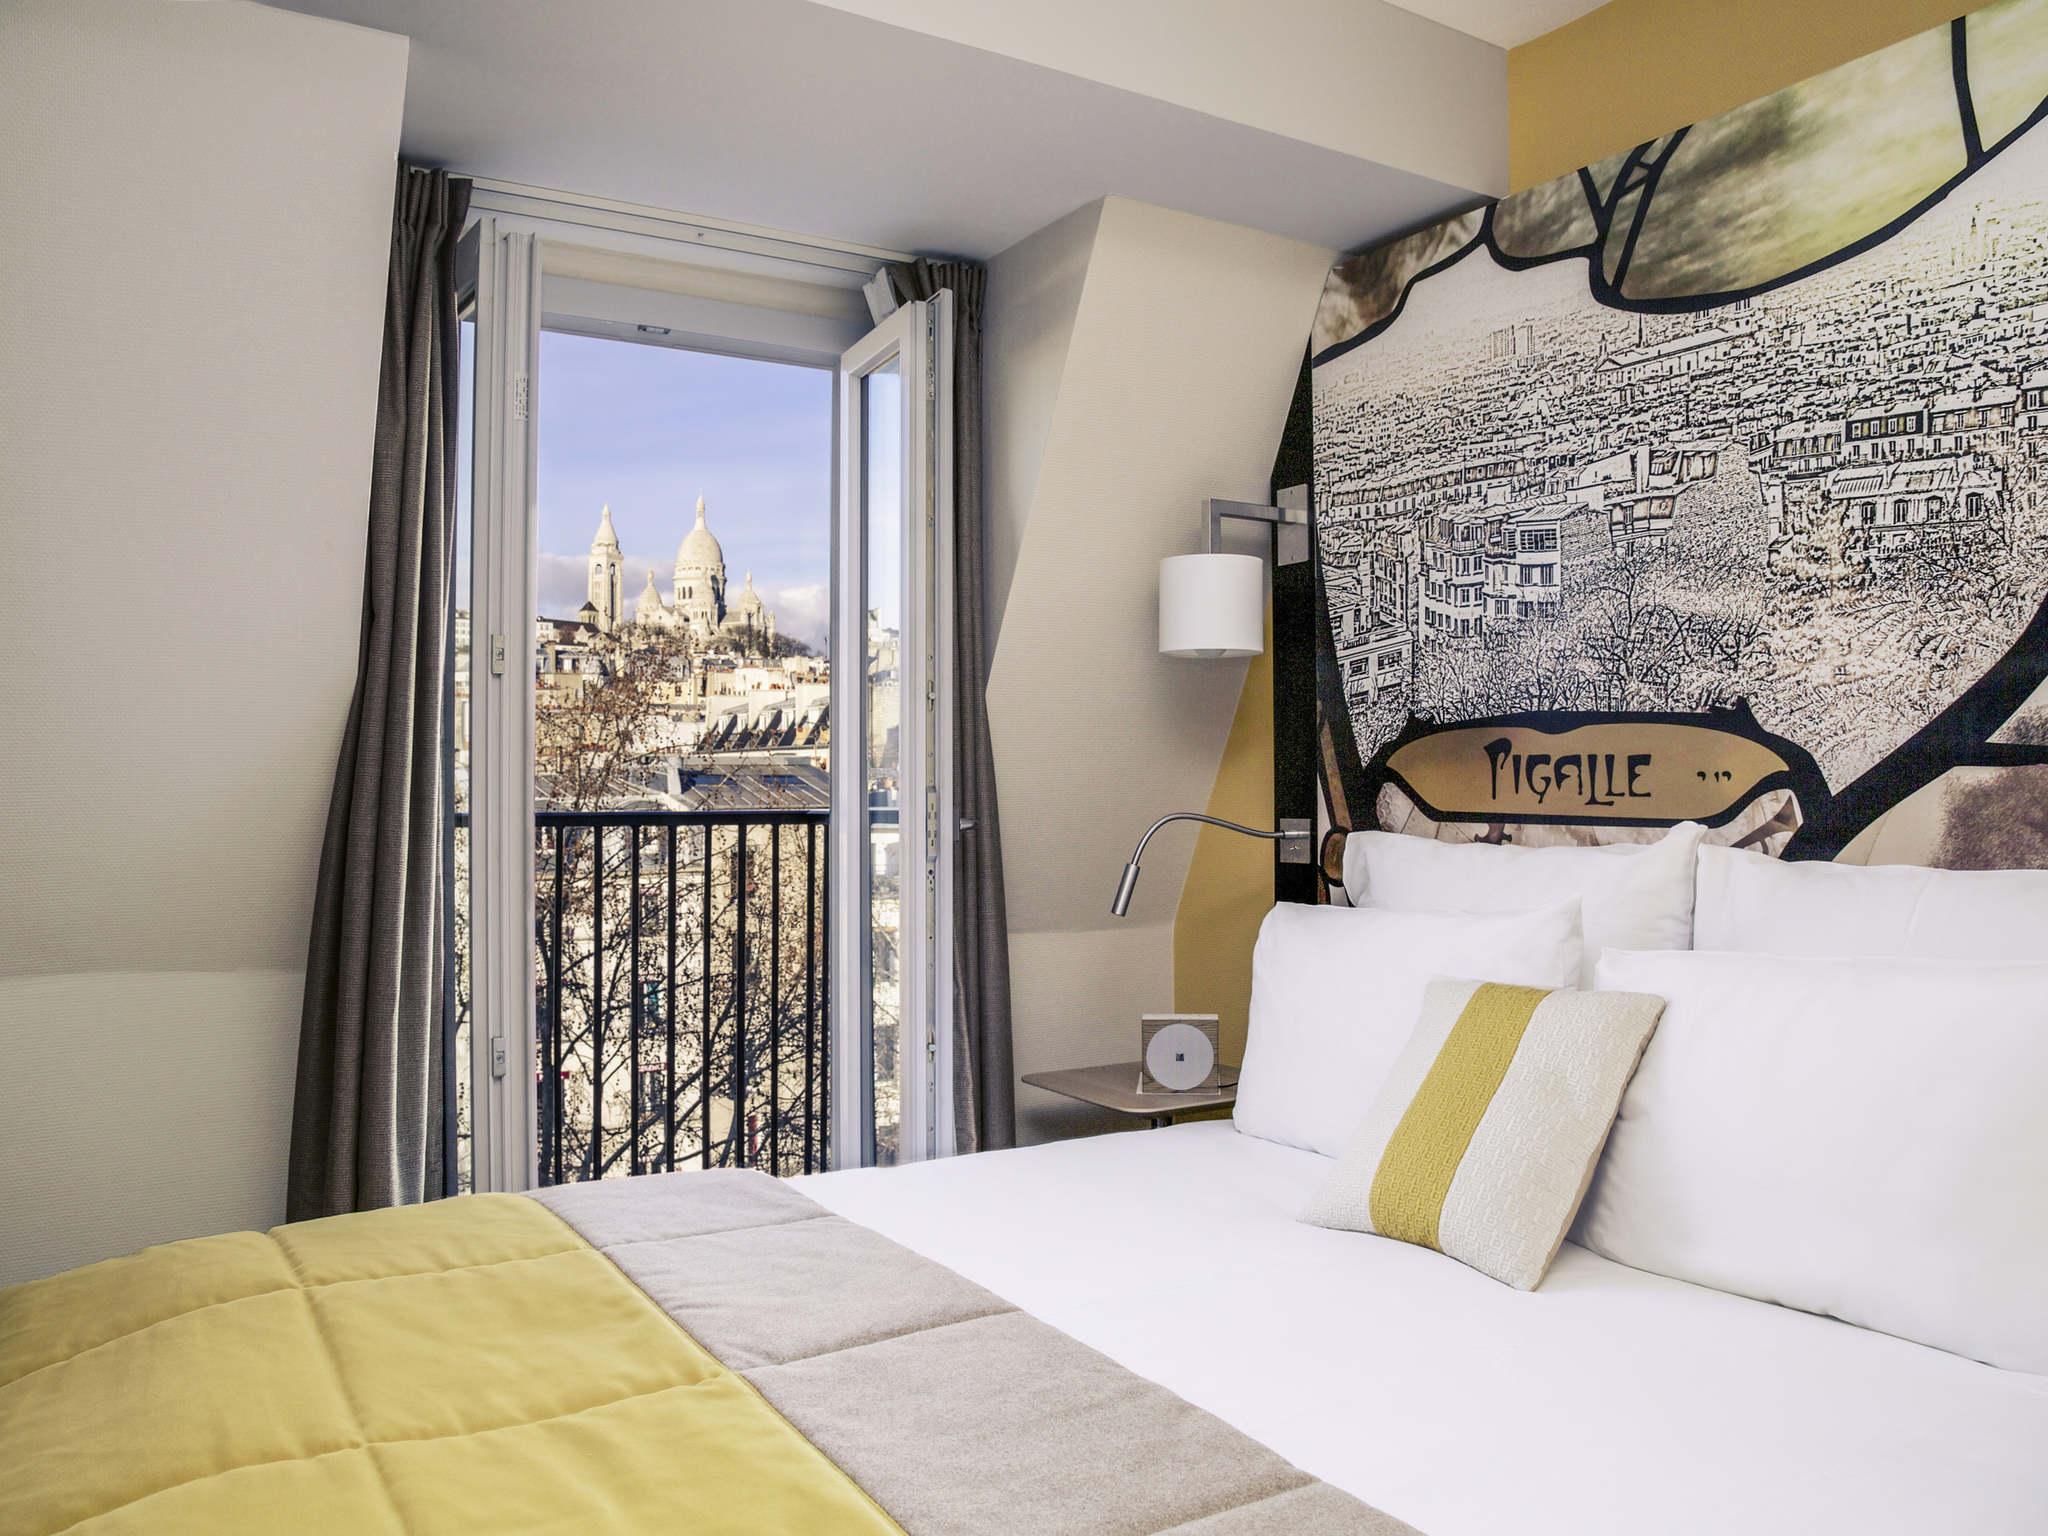 Hotel – Hotel Mercure Paris 9 Pigalle Sacre-Coeur